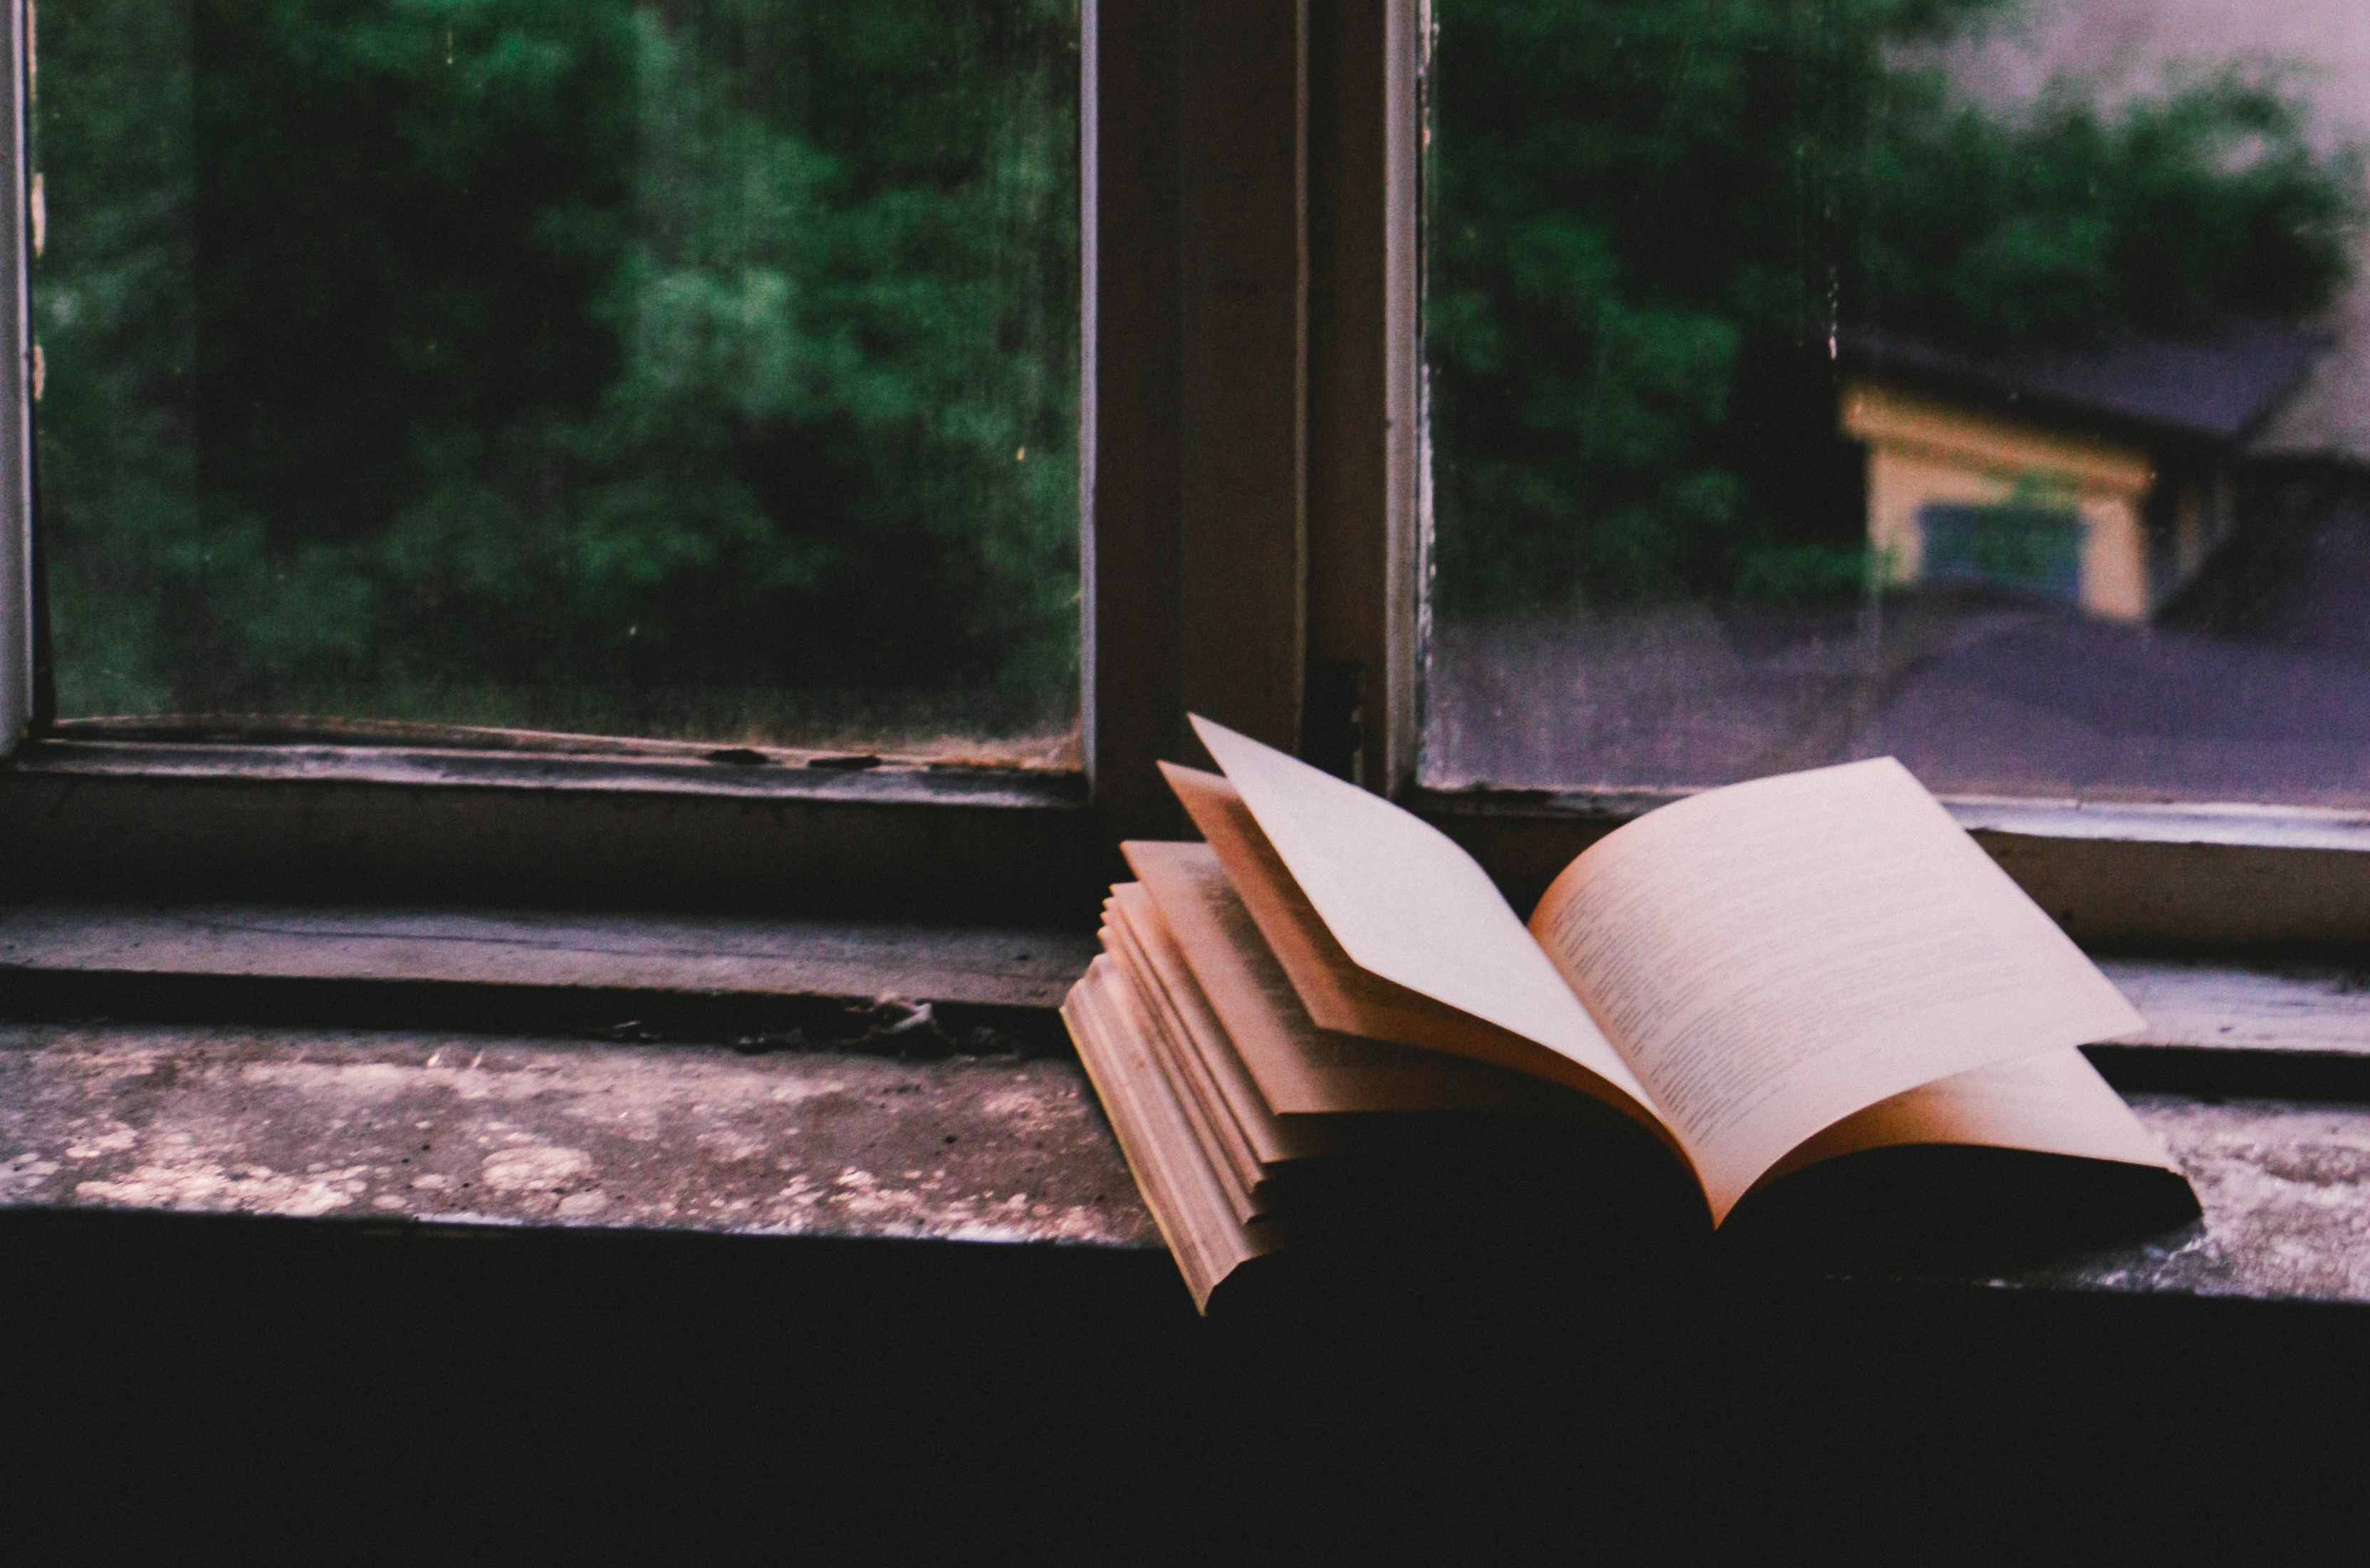 foto de livro aberto sobre o peitoril de uma janela